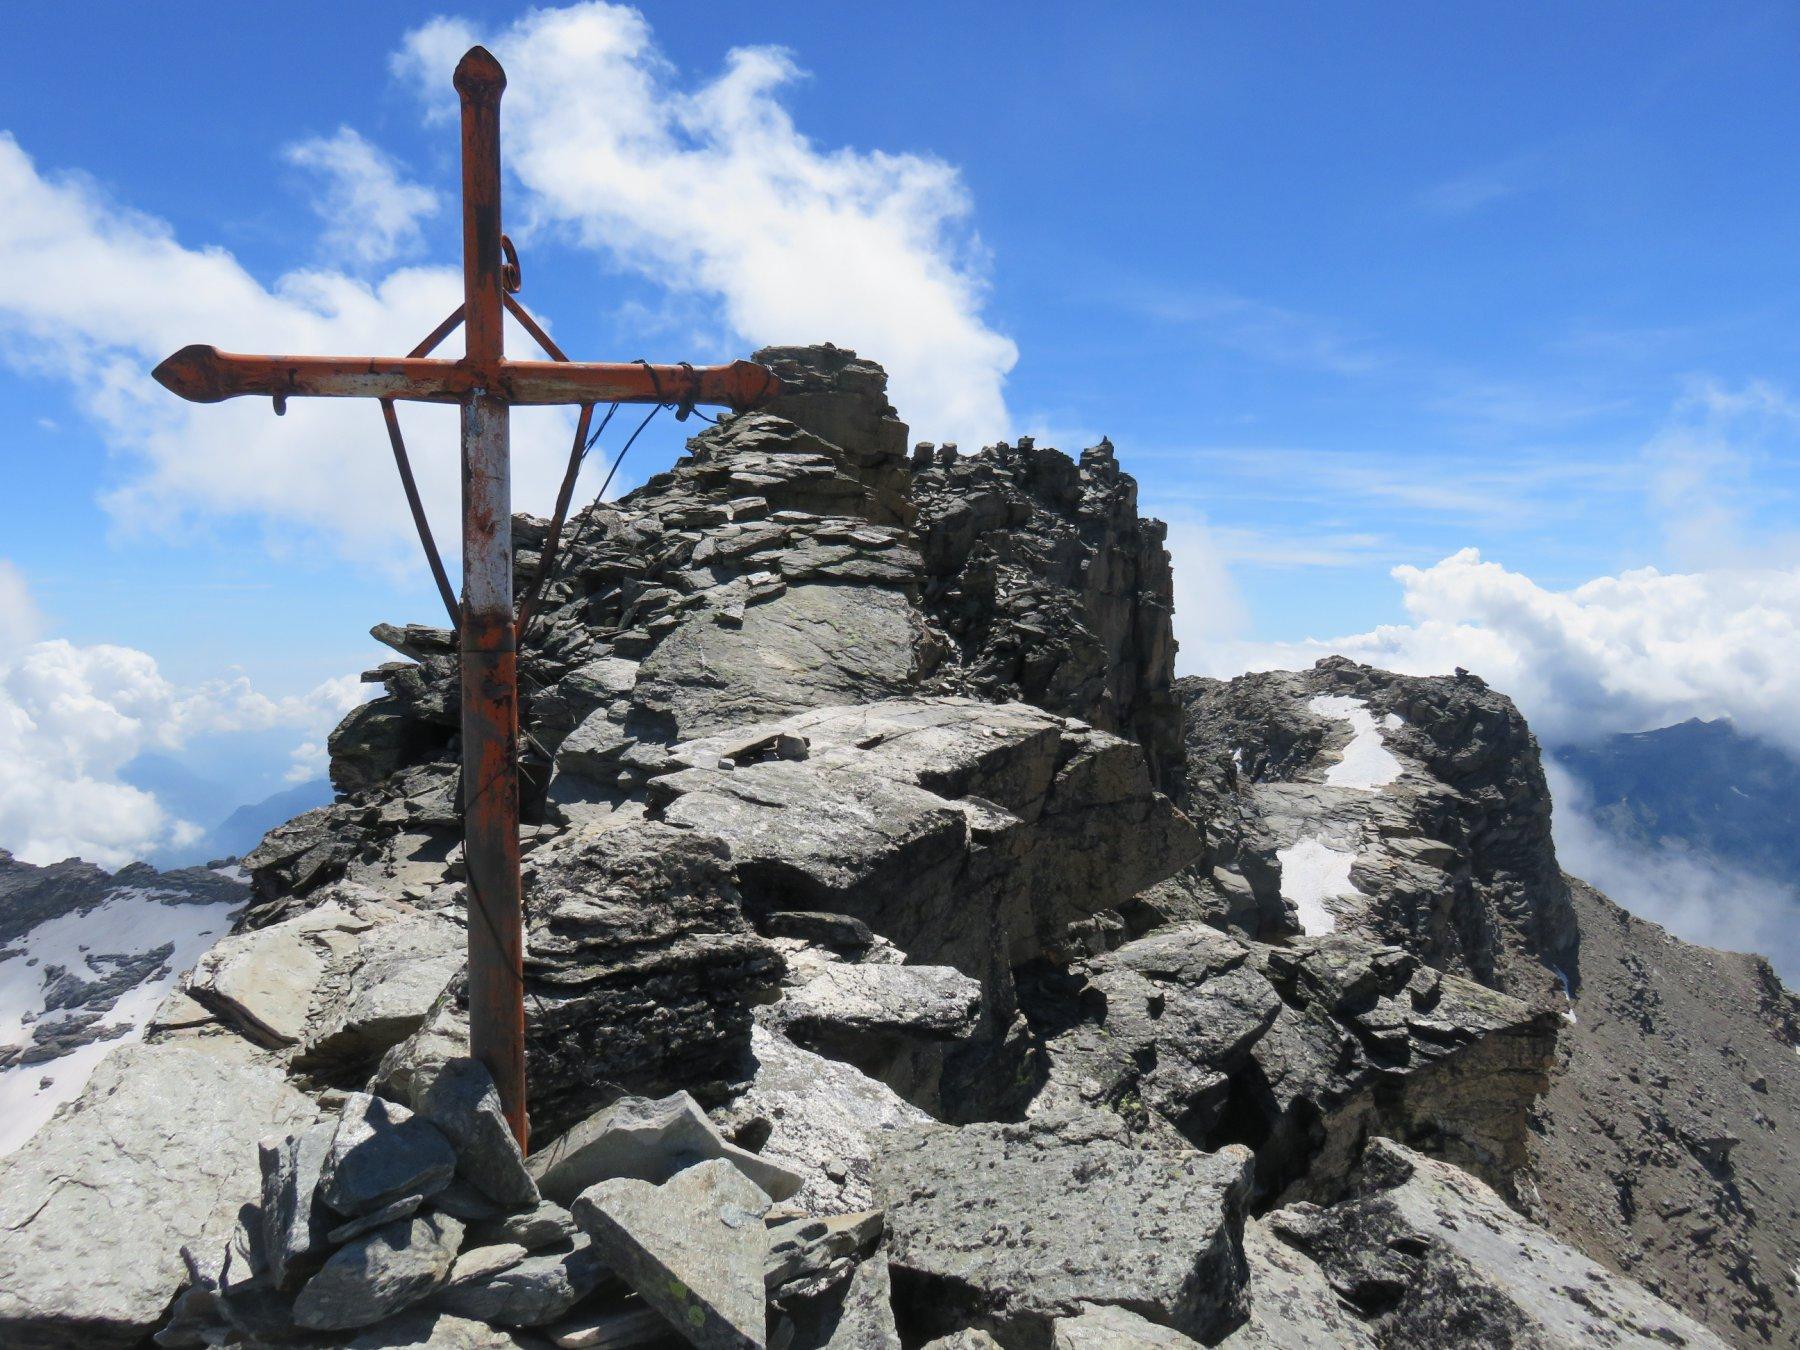 Croce e vera vetta sul fondo a destra